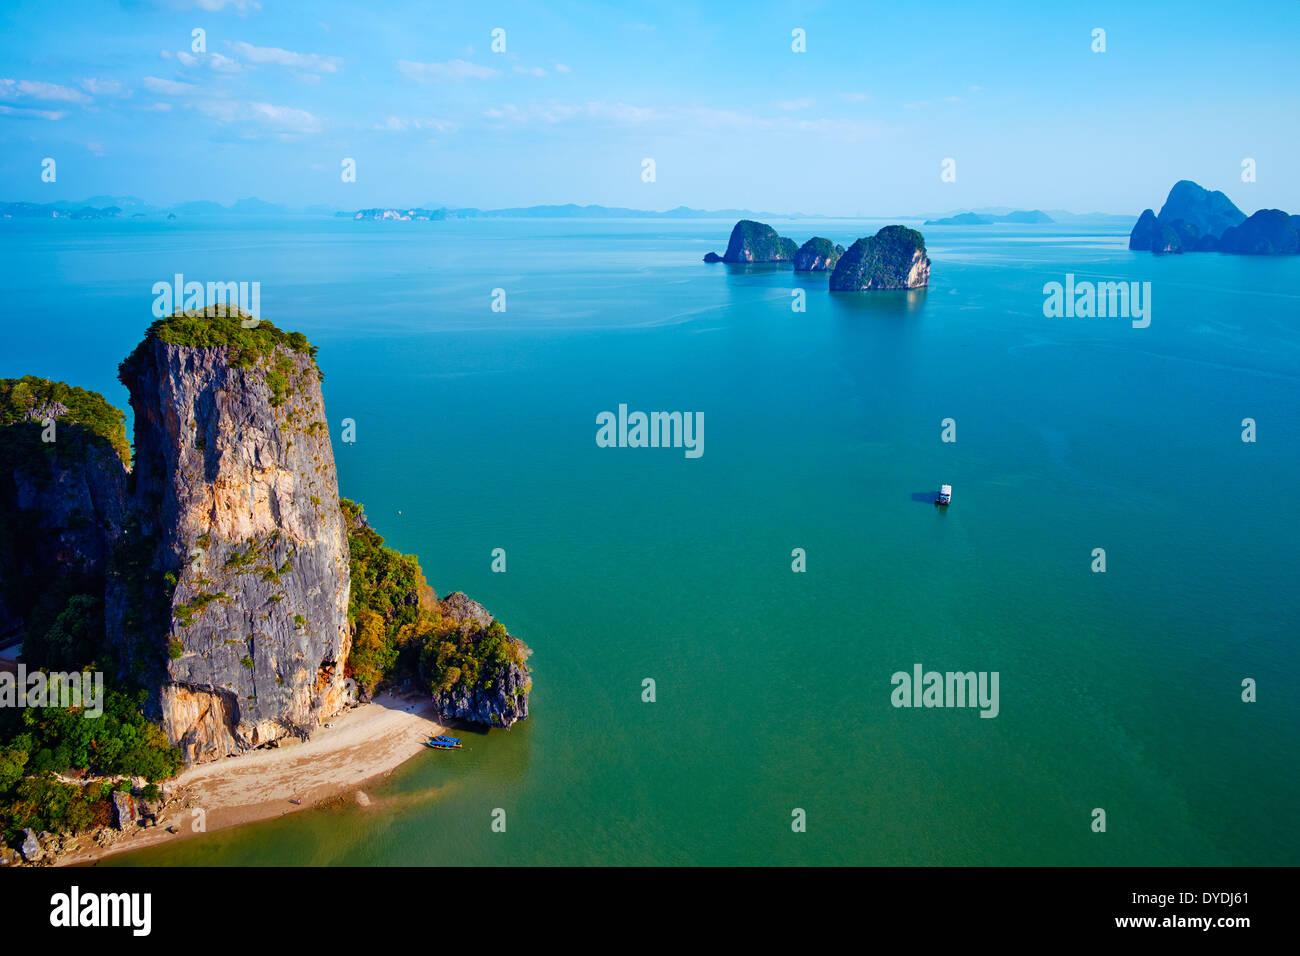 Tailandia, por la bahía de Phang Nga, Ao Phang Nga parque nacional, la isla de Ko Khao Phing Kan Foto de stock